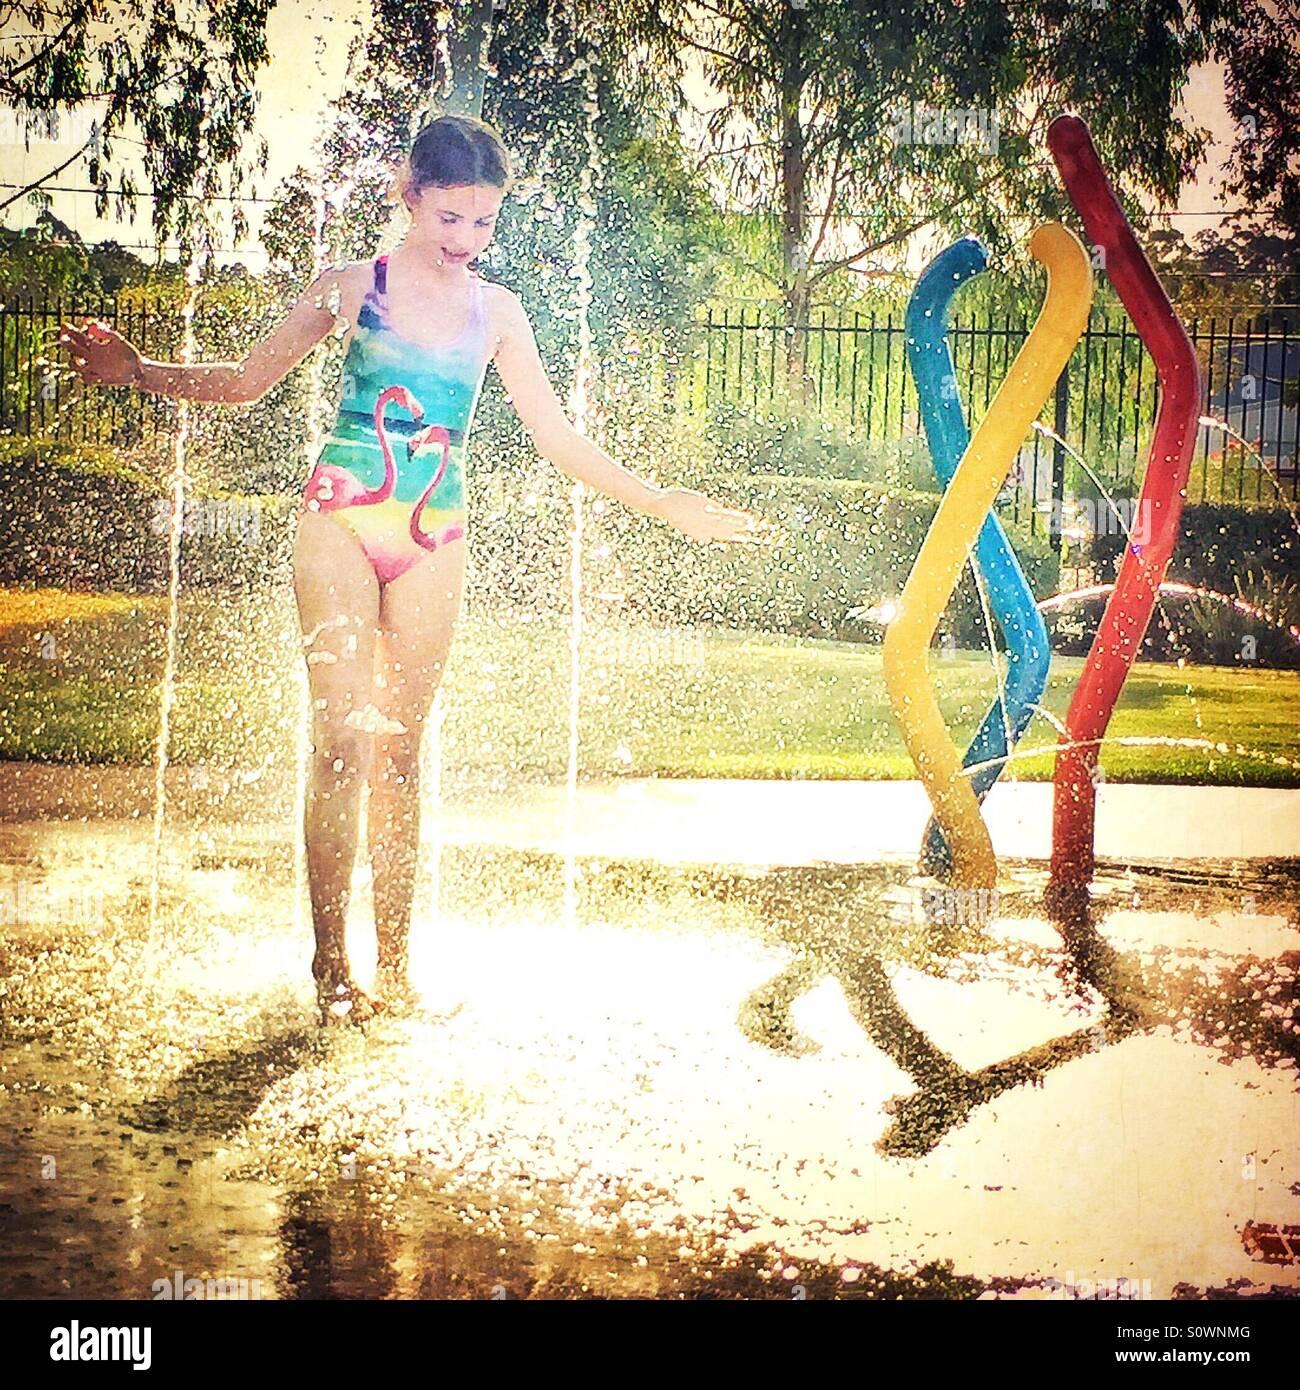 Ragazza in costume da bagno a giocare in acqua fontana in estate Immagini Stock